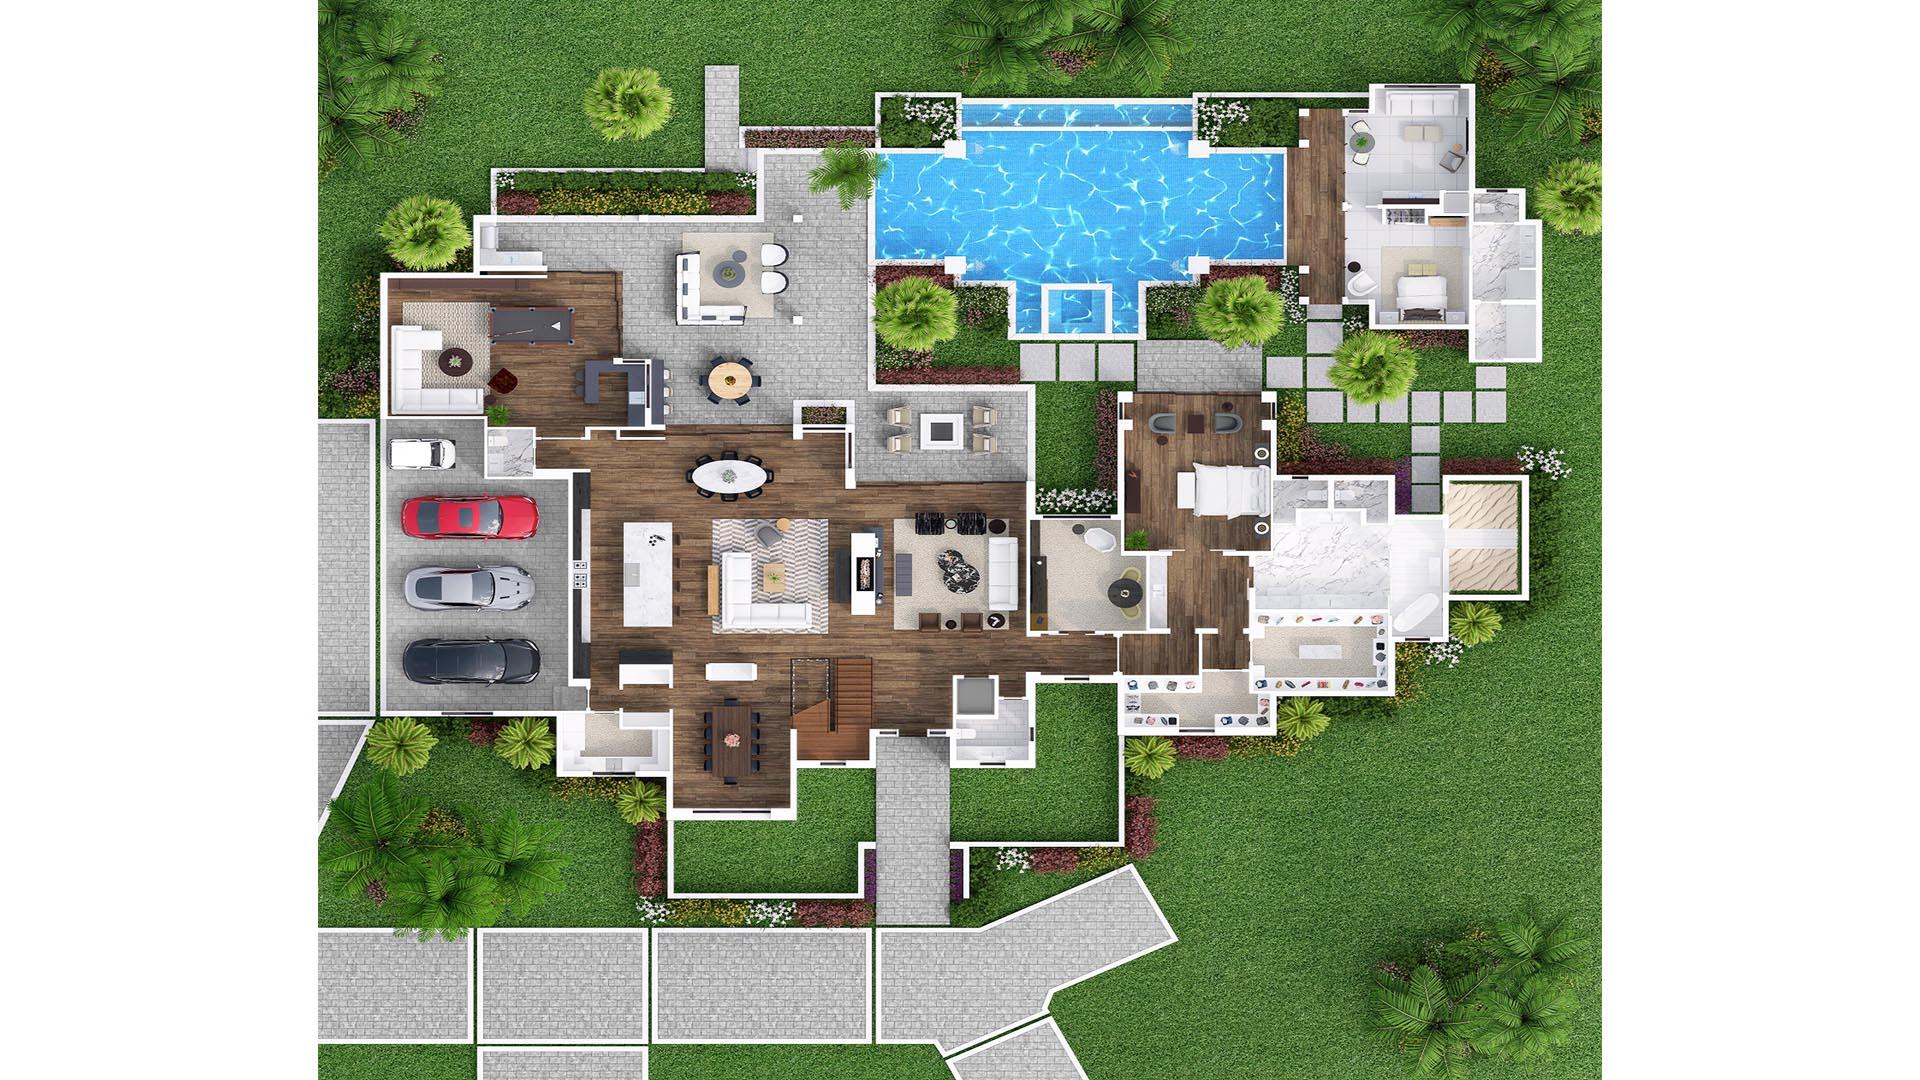 3D Render Floor Plan top view